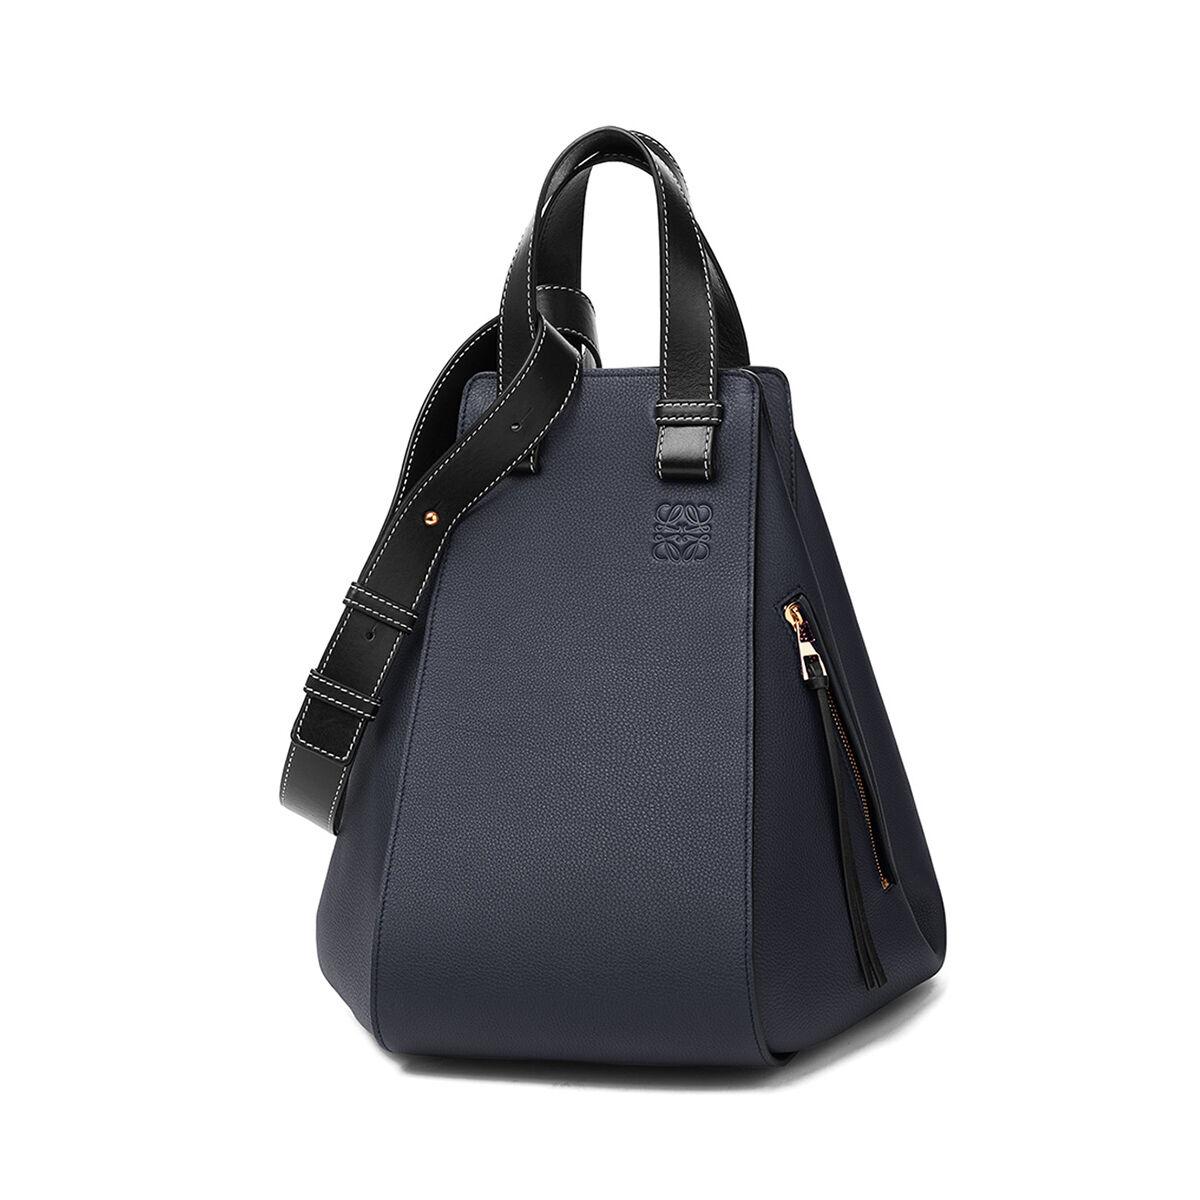 LOEWE Hammock Medium Bag Midnight Blue/Black all